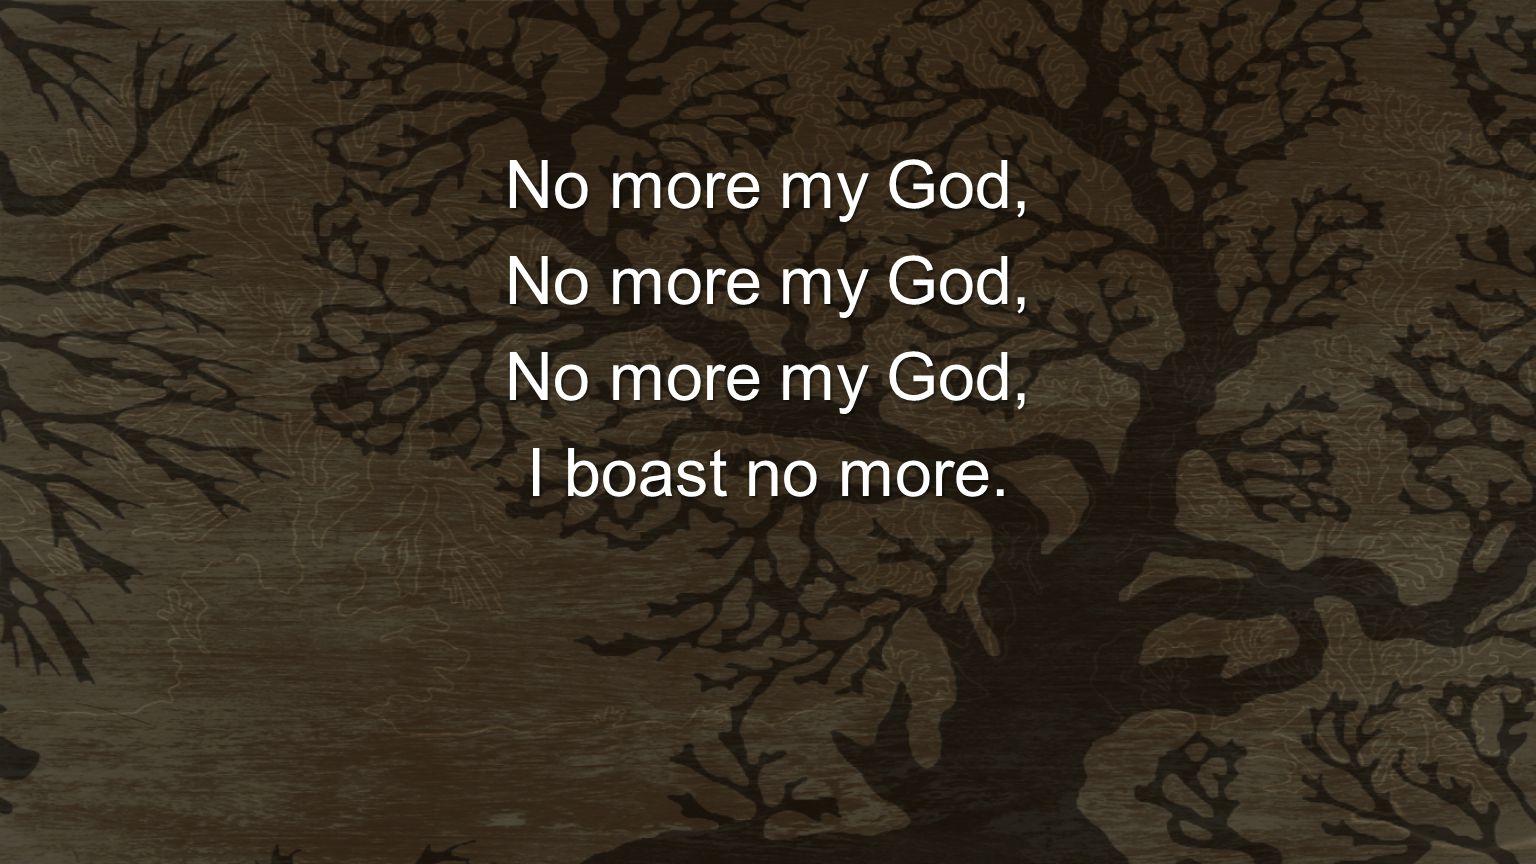 No more my God, I boast no more.